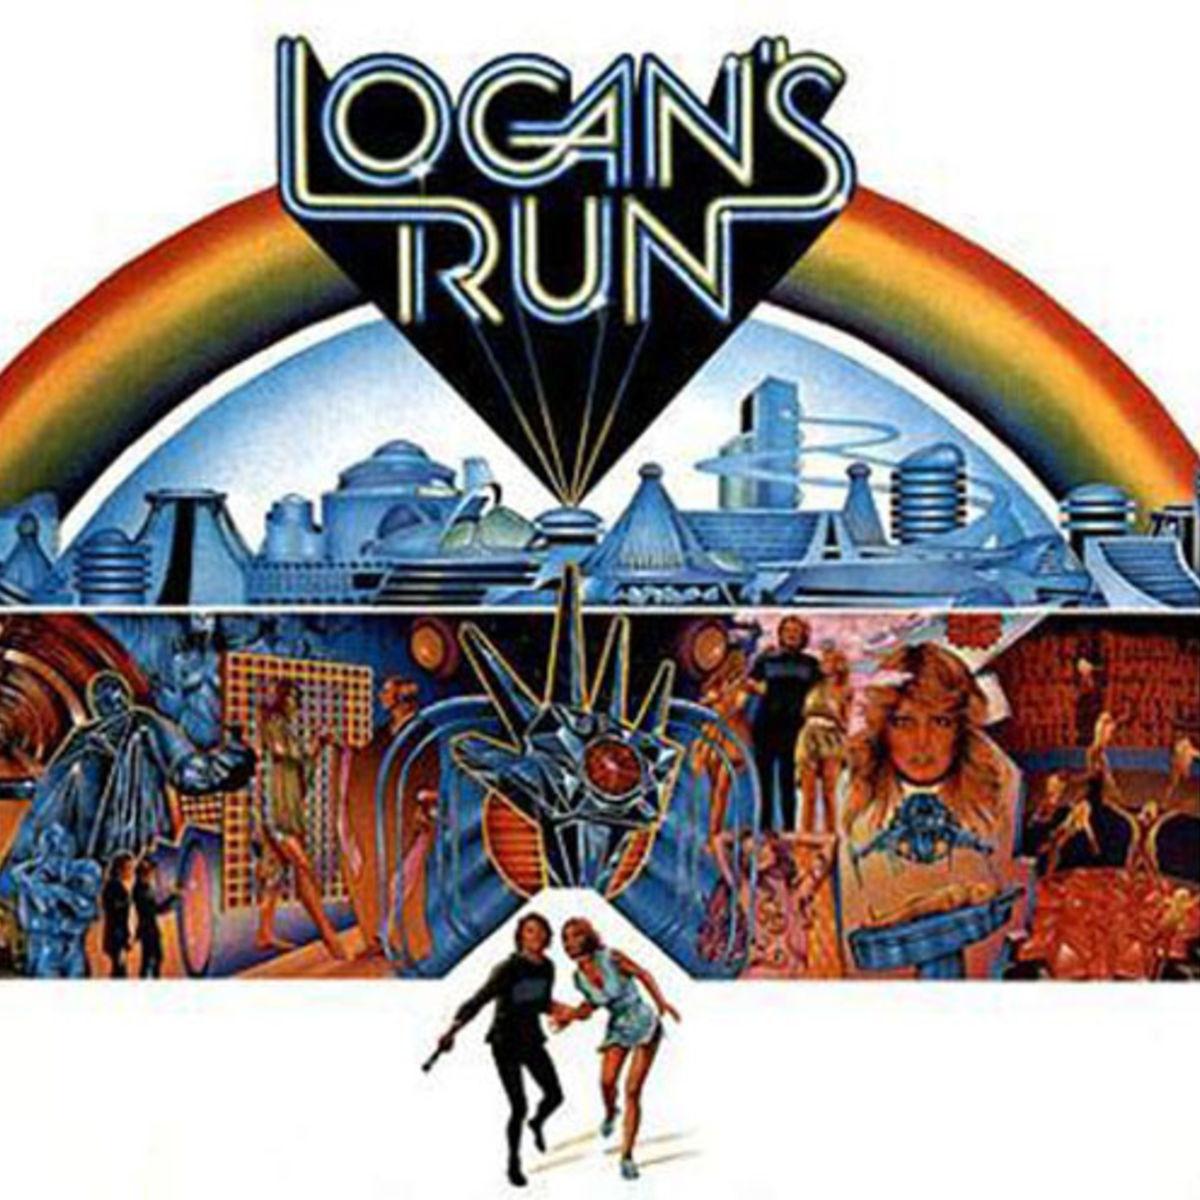 LogansRun081711.jpg